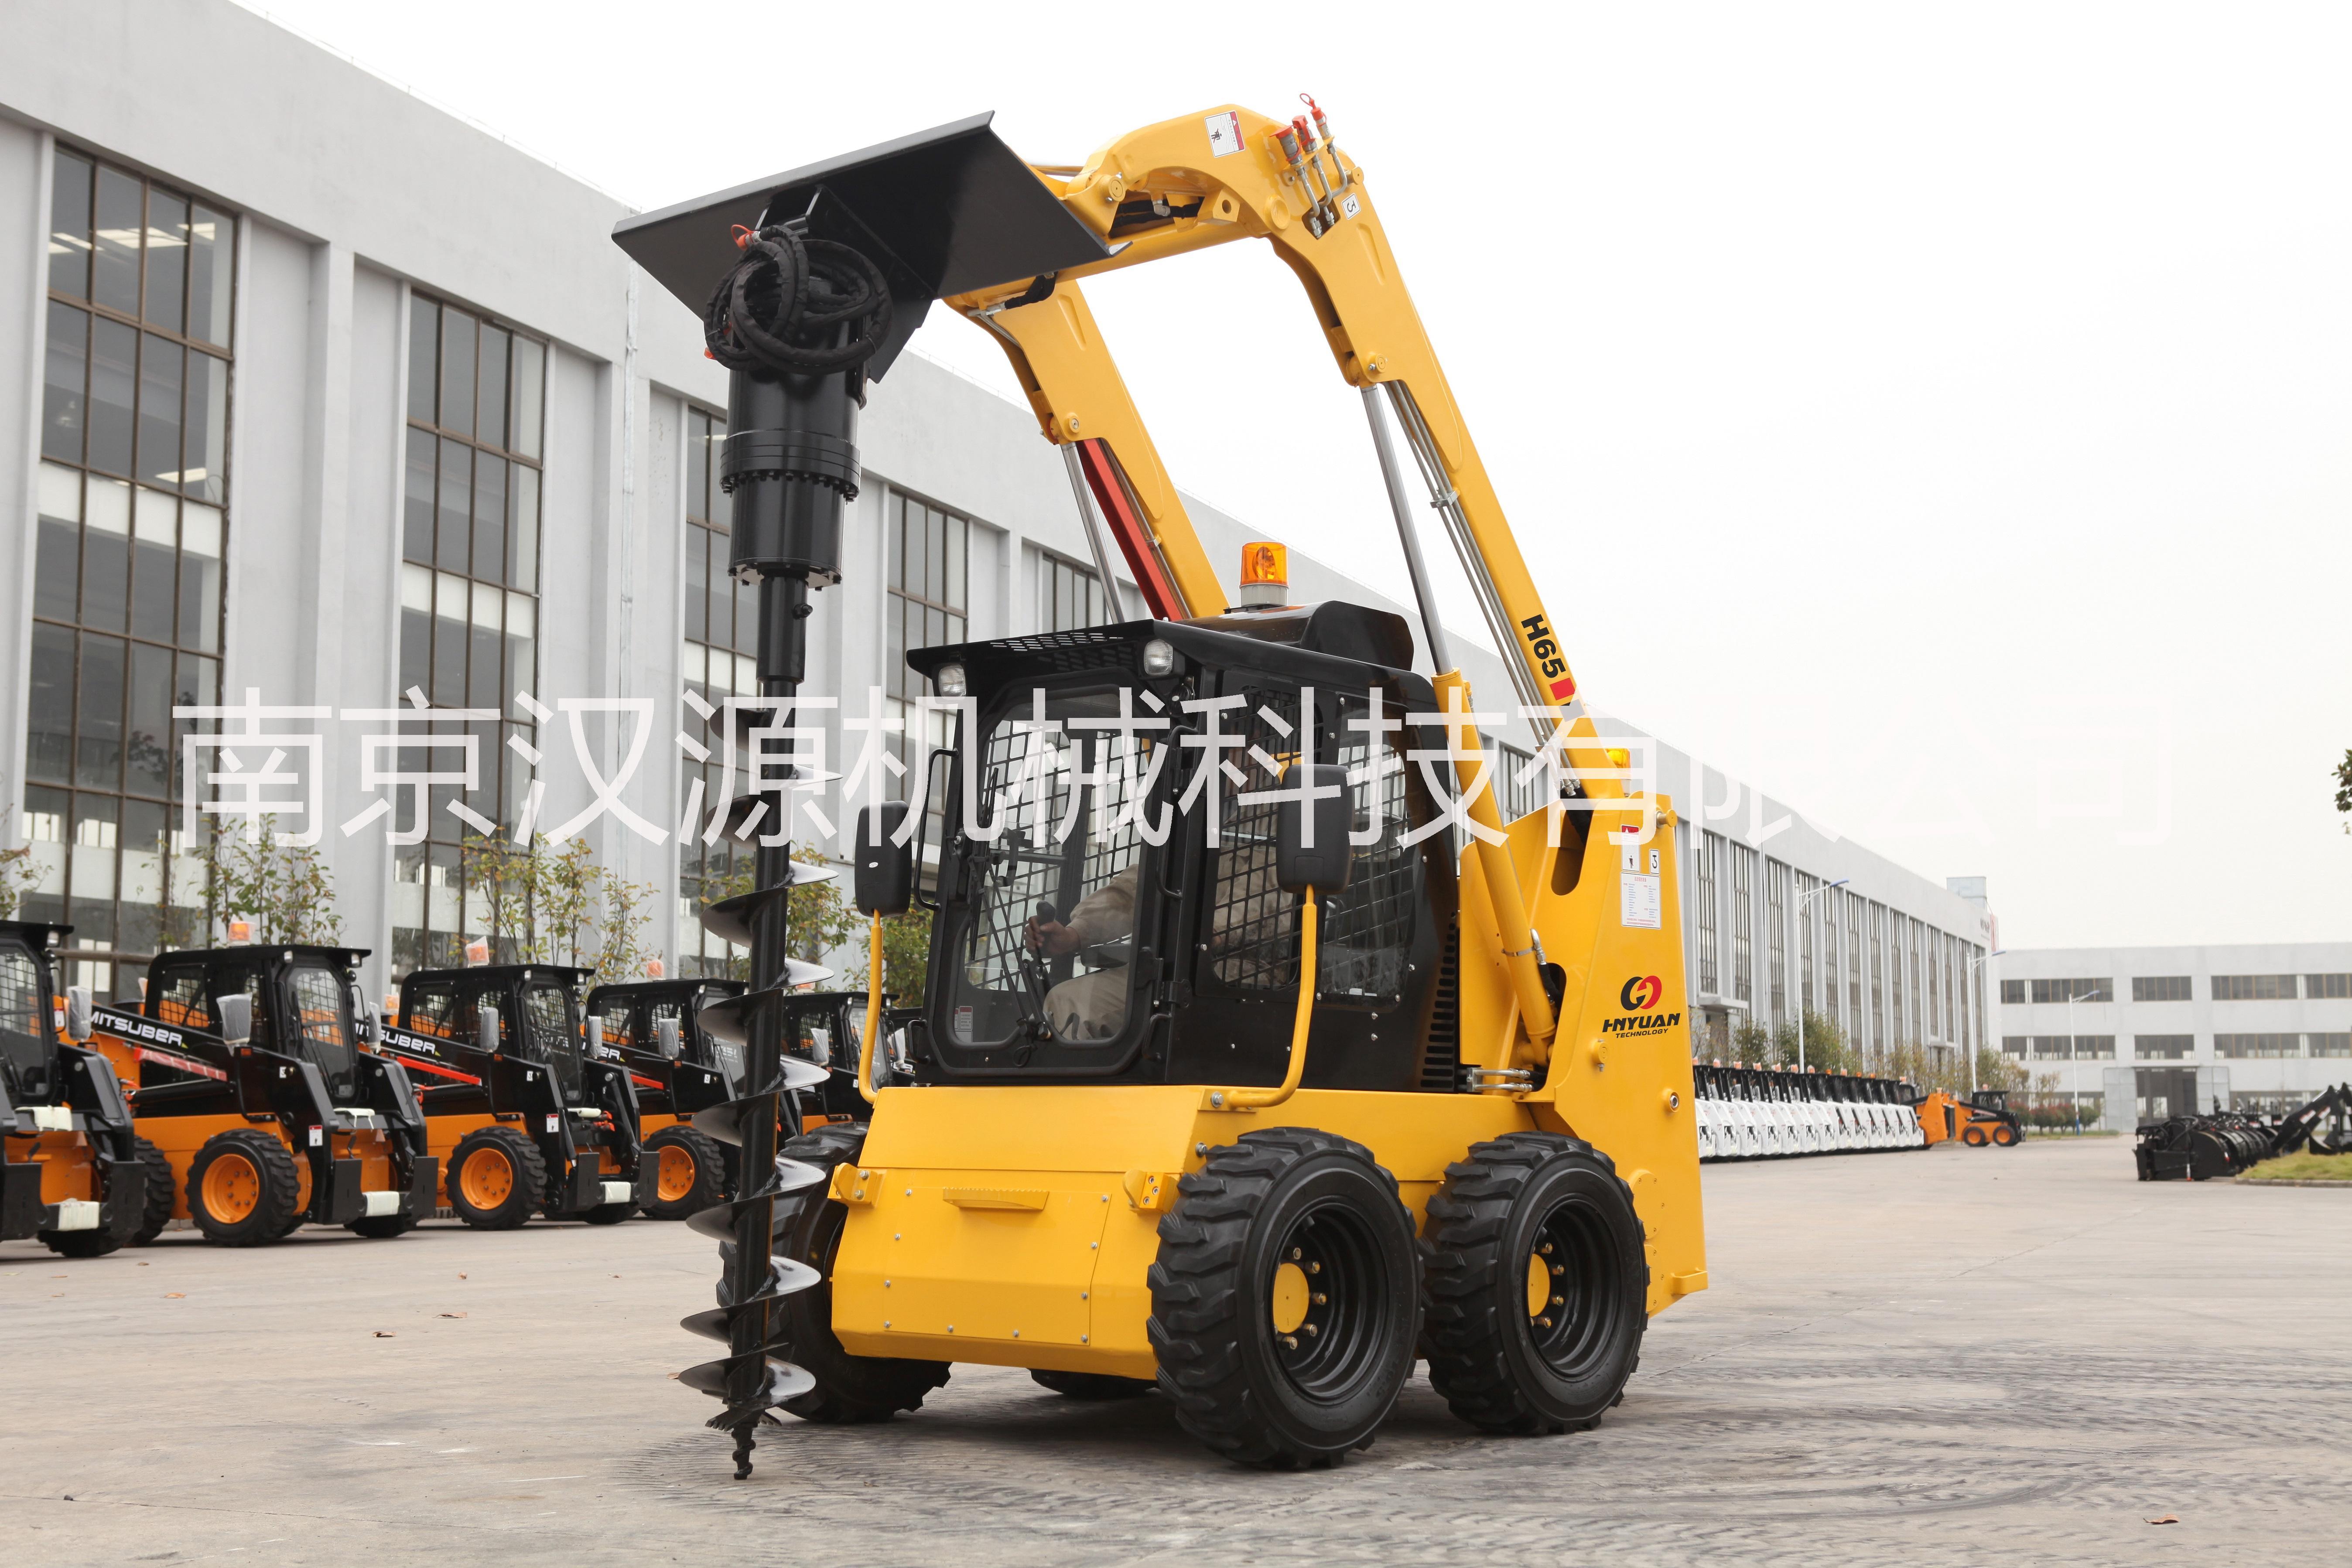 滑移装载机H65,滑移装载机,滑移装载机厂家,滑移装载机价格